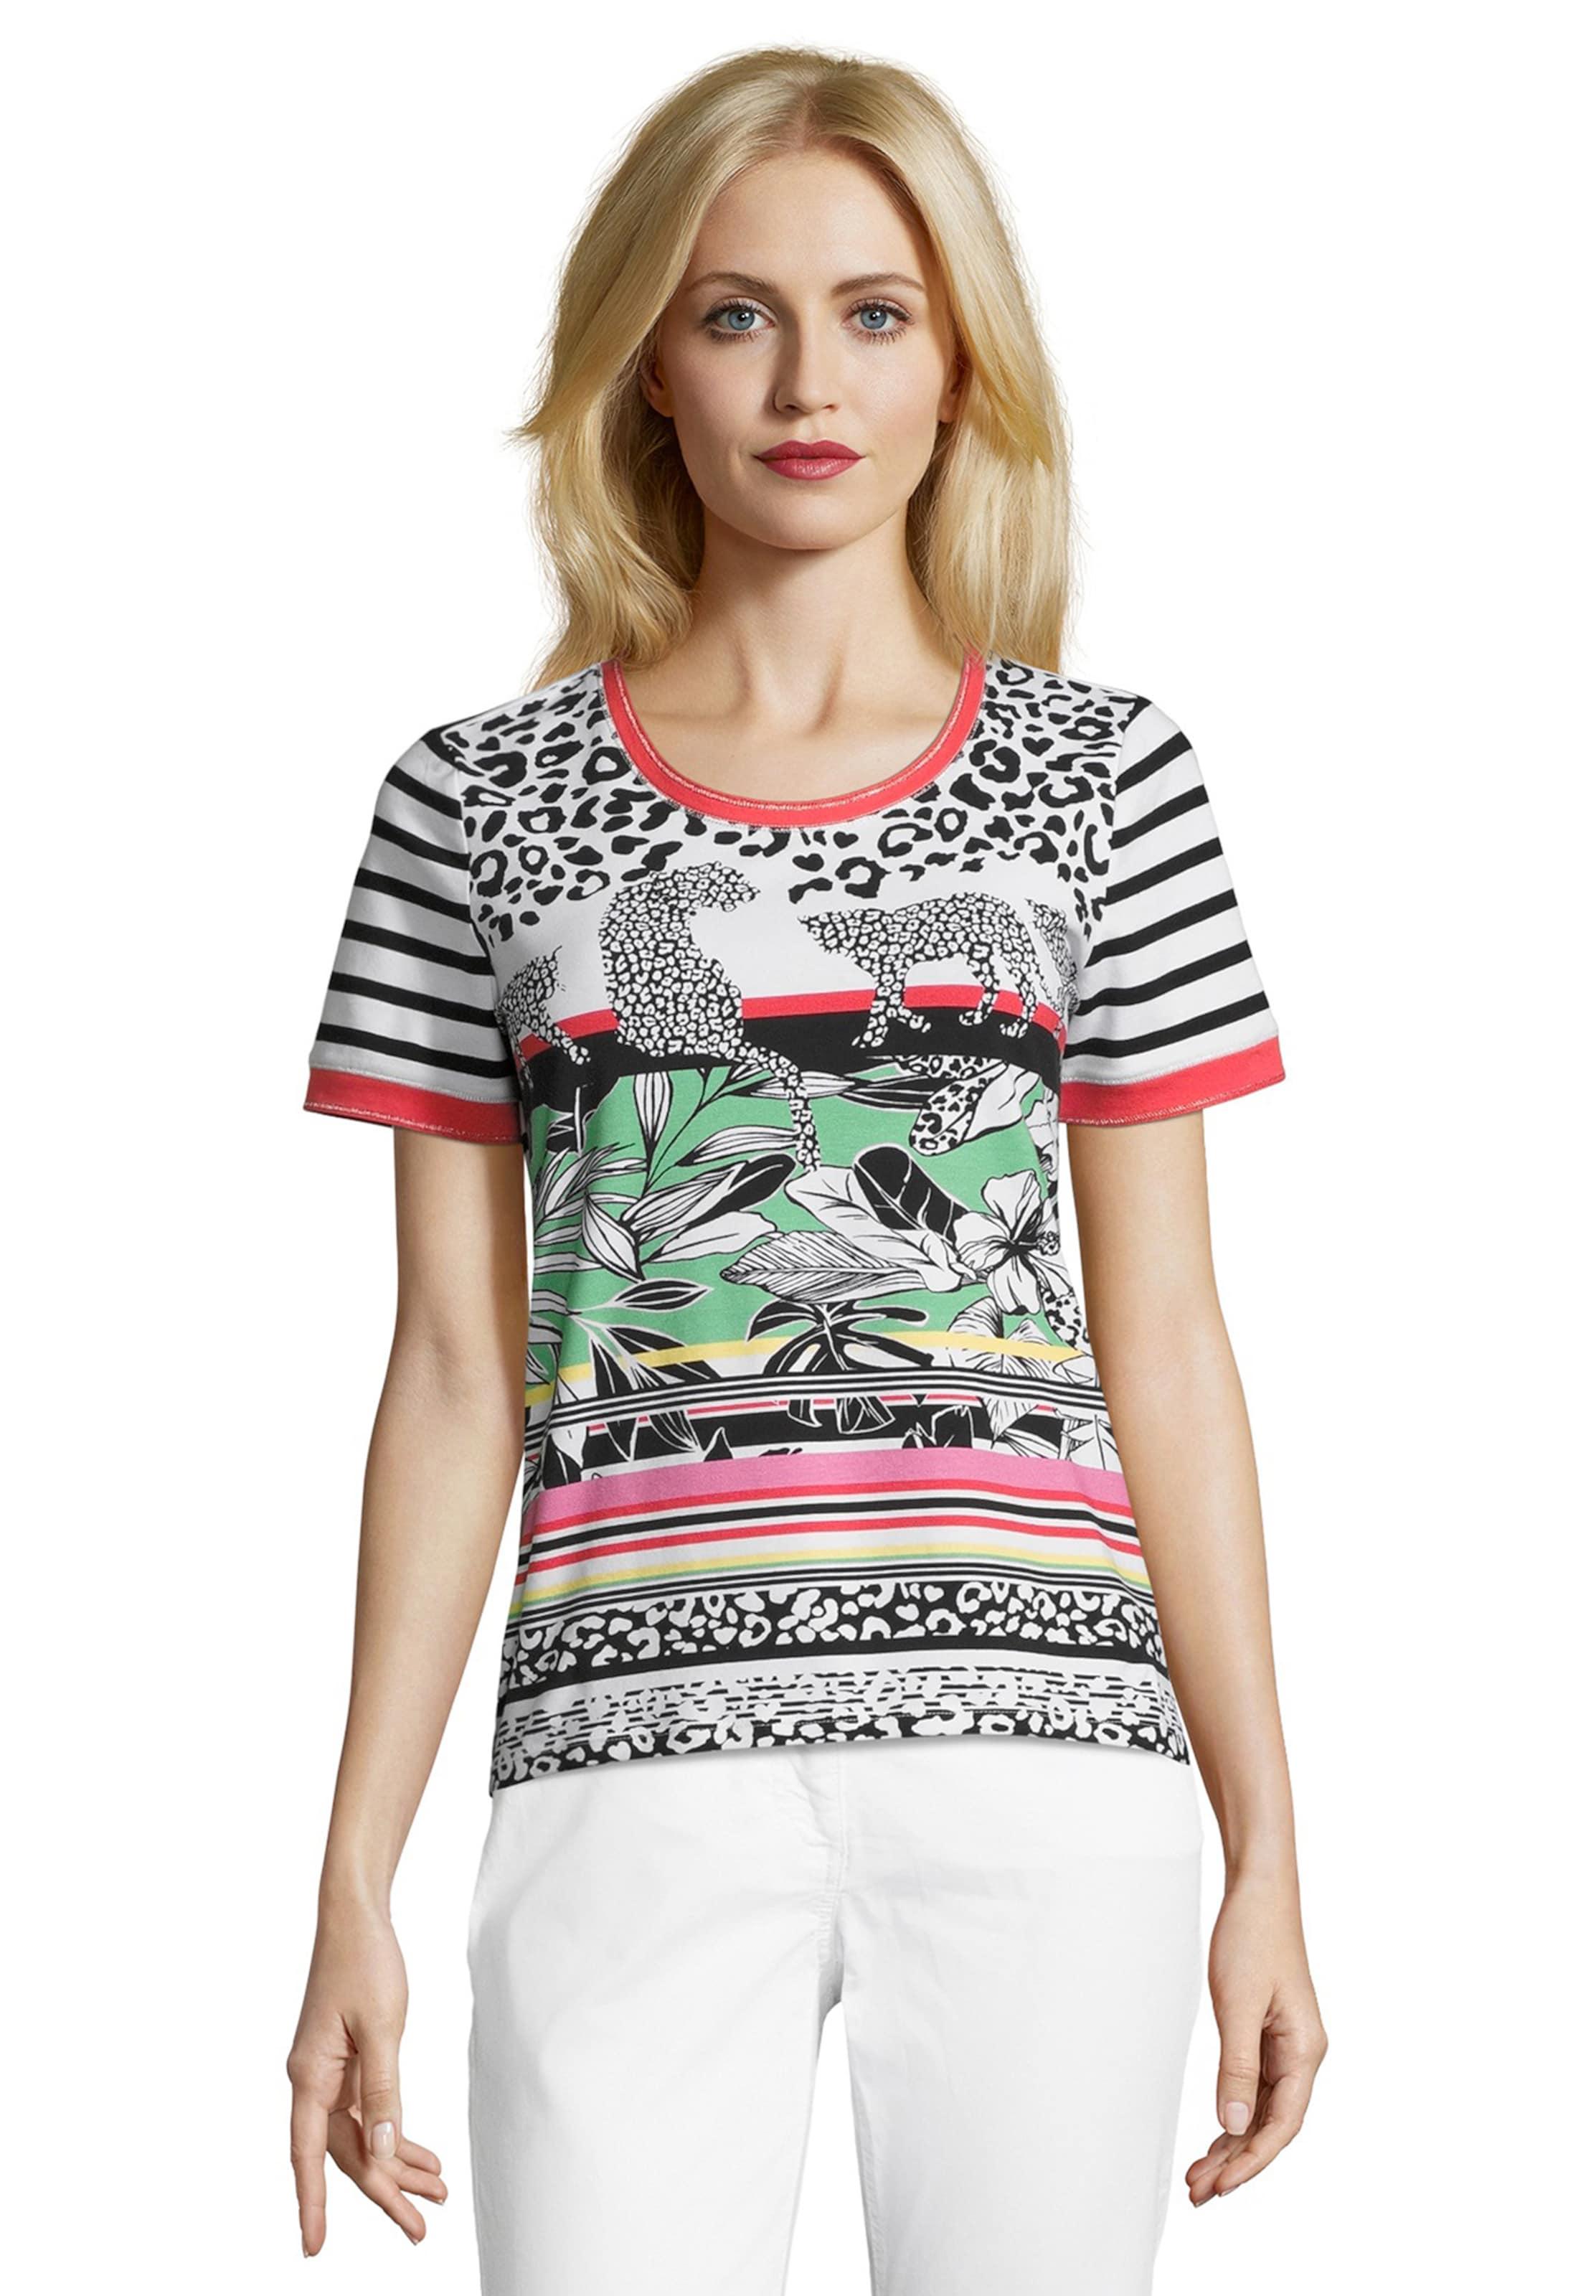 Weiß Barclay Betty MischfarbenSchwarz In Shirt 4LA5jR